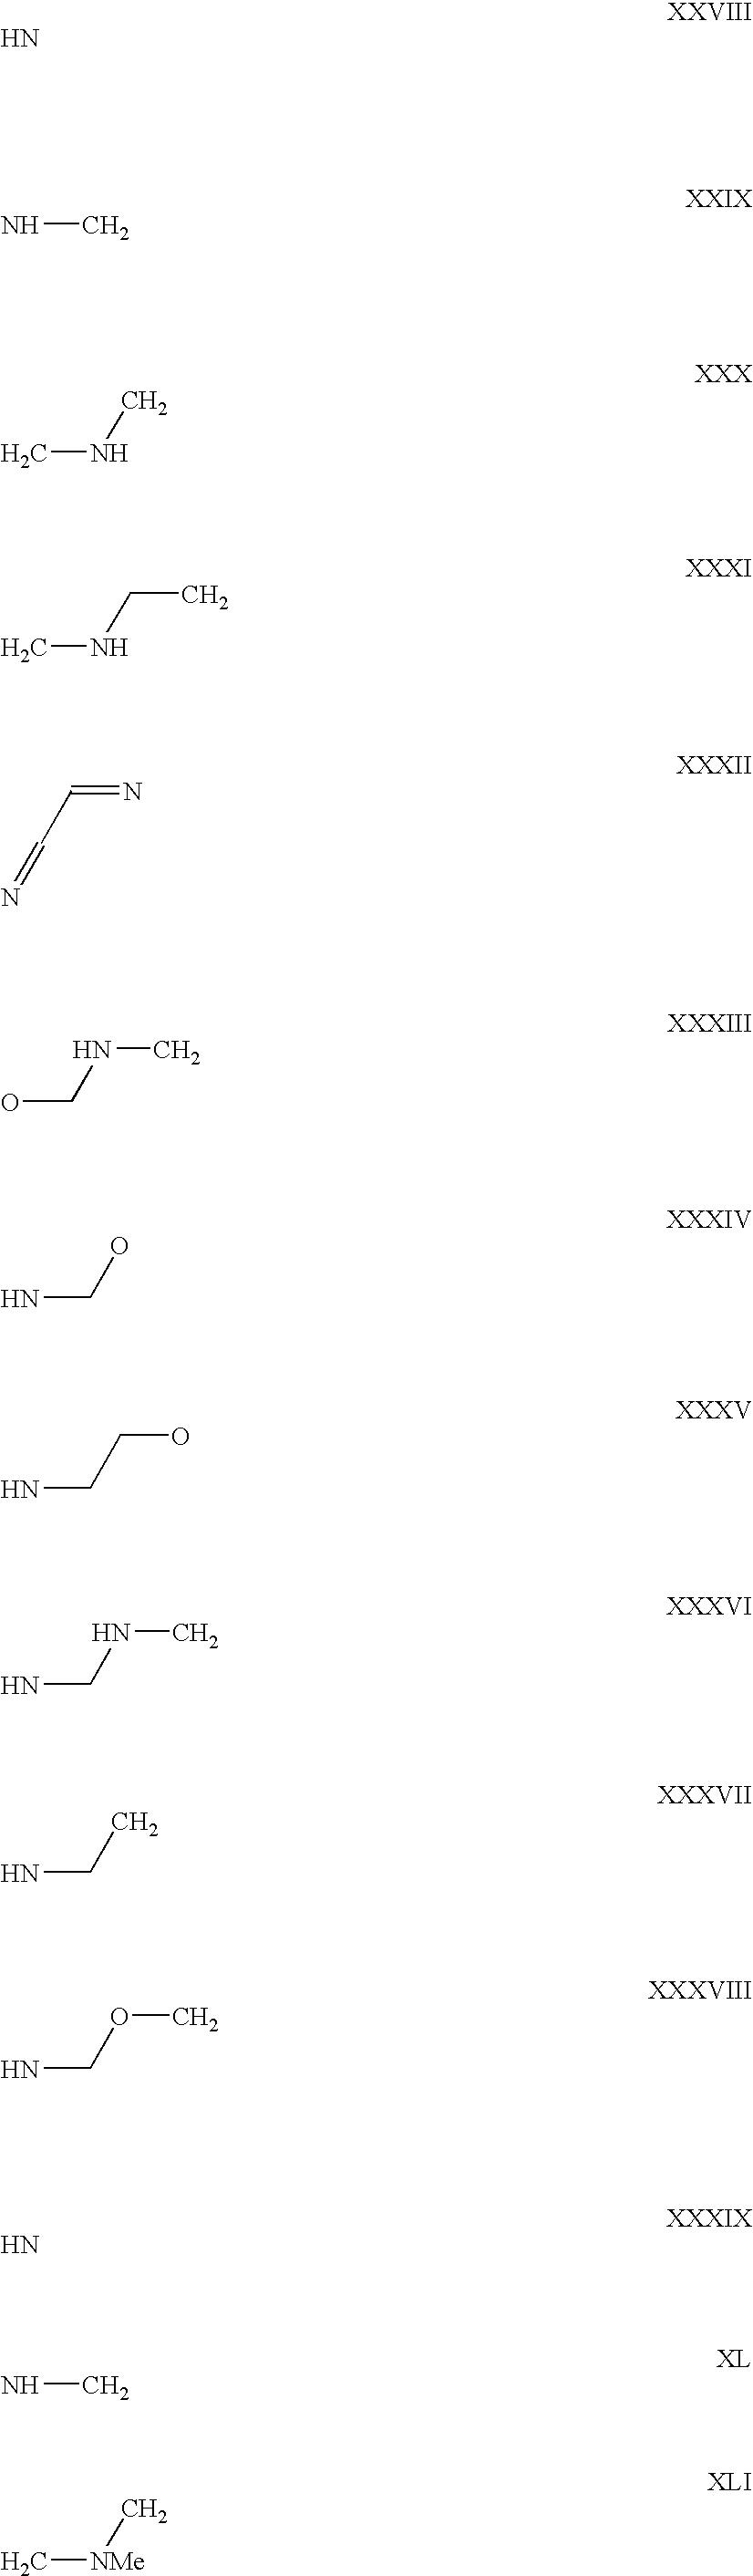 Figure US20060014144A1-20060119-C00077